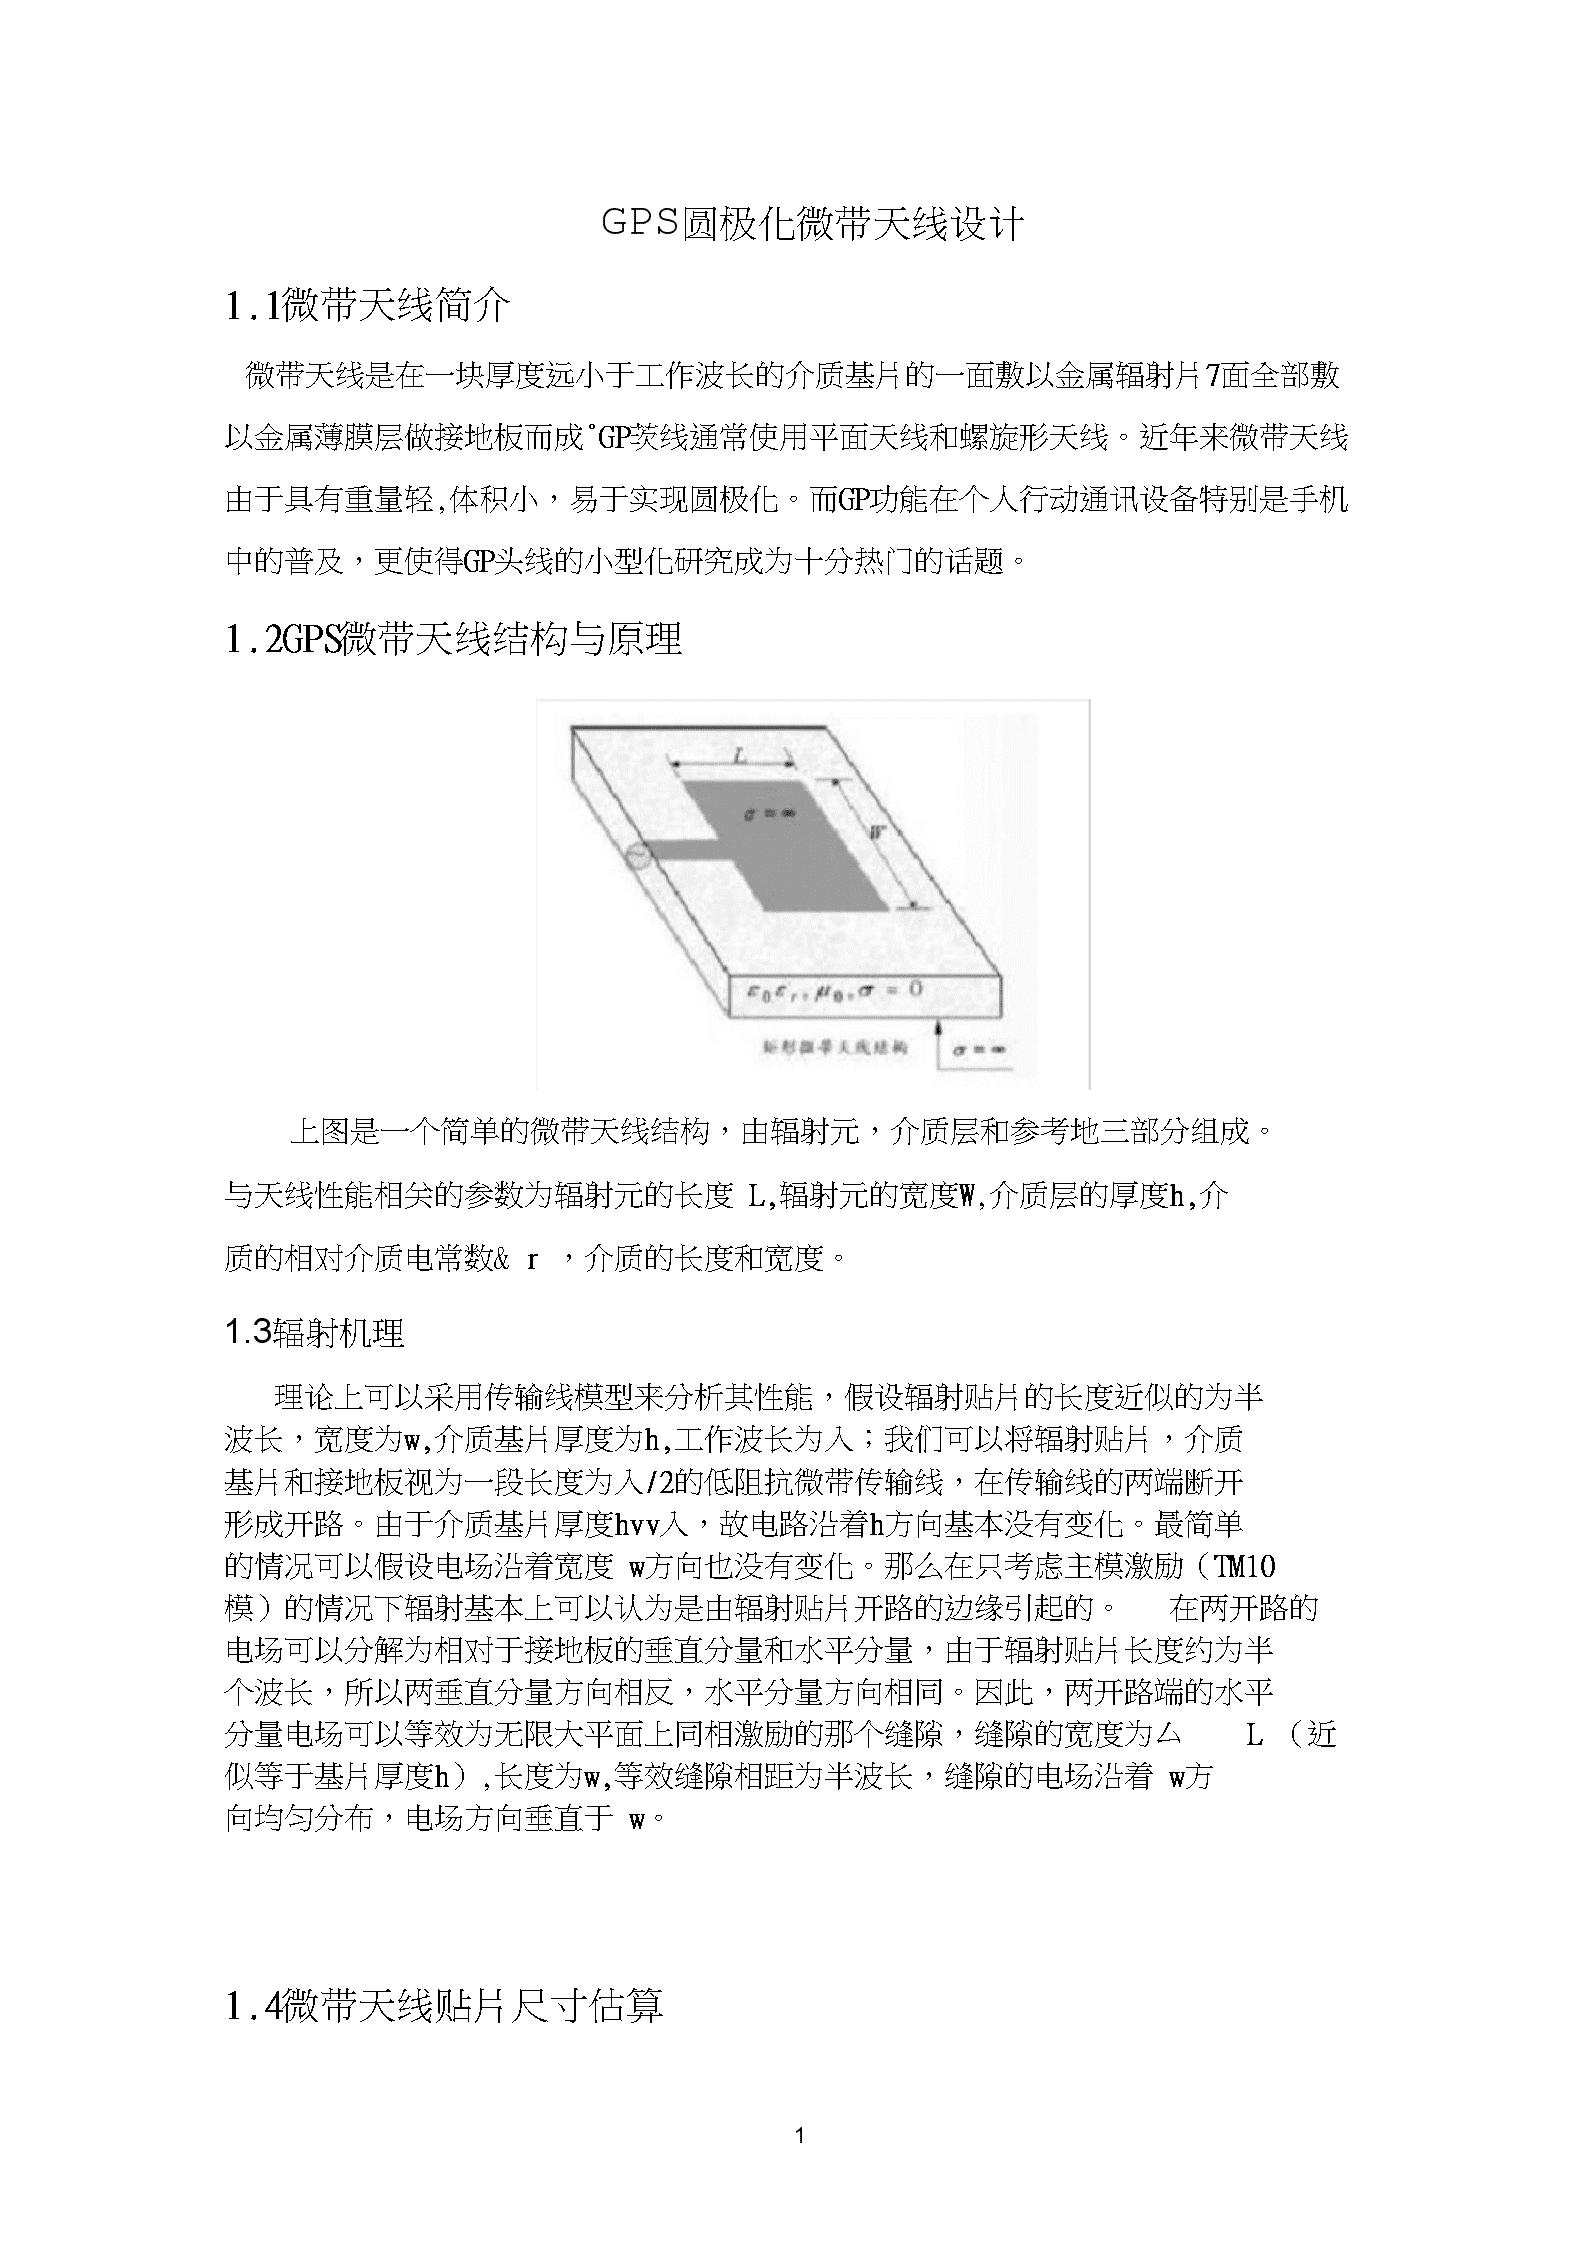 (完整word版)圆极化微带天线设计.docx